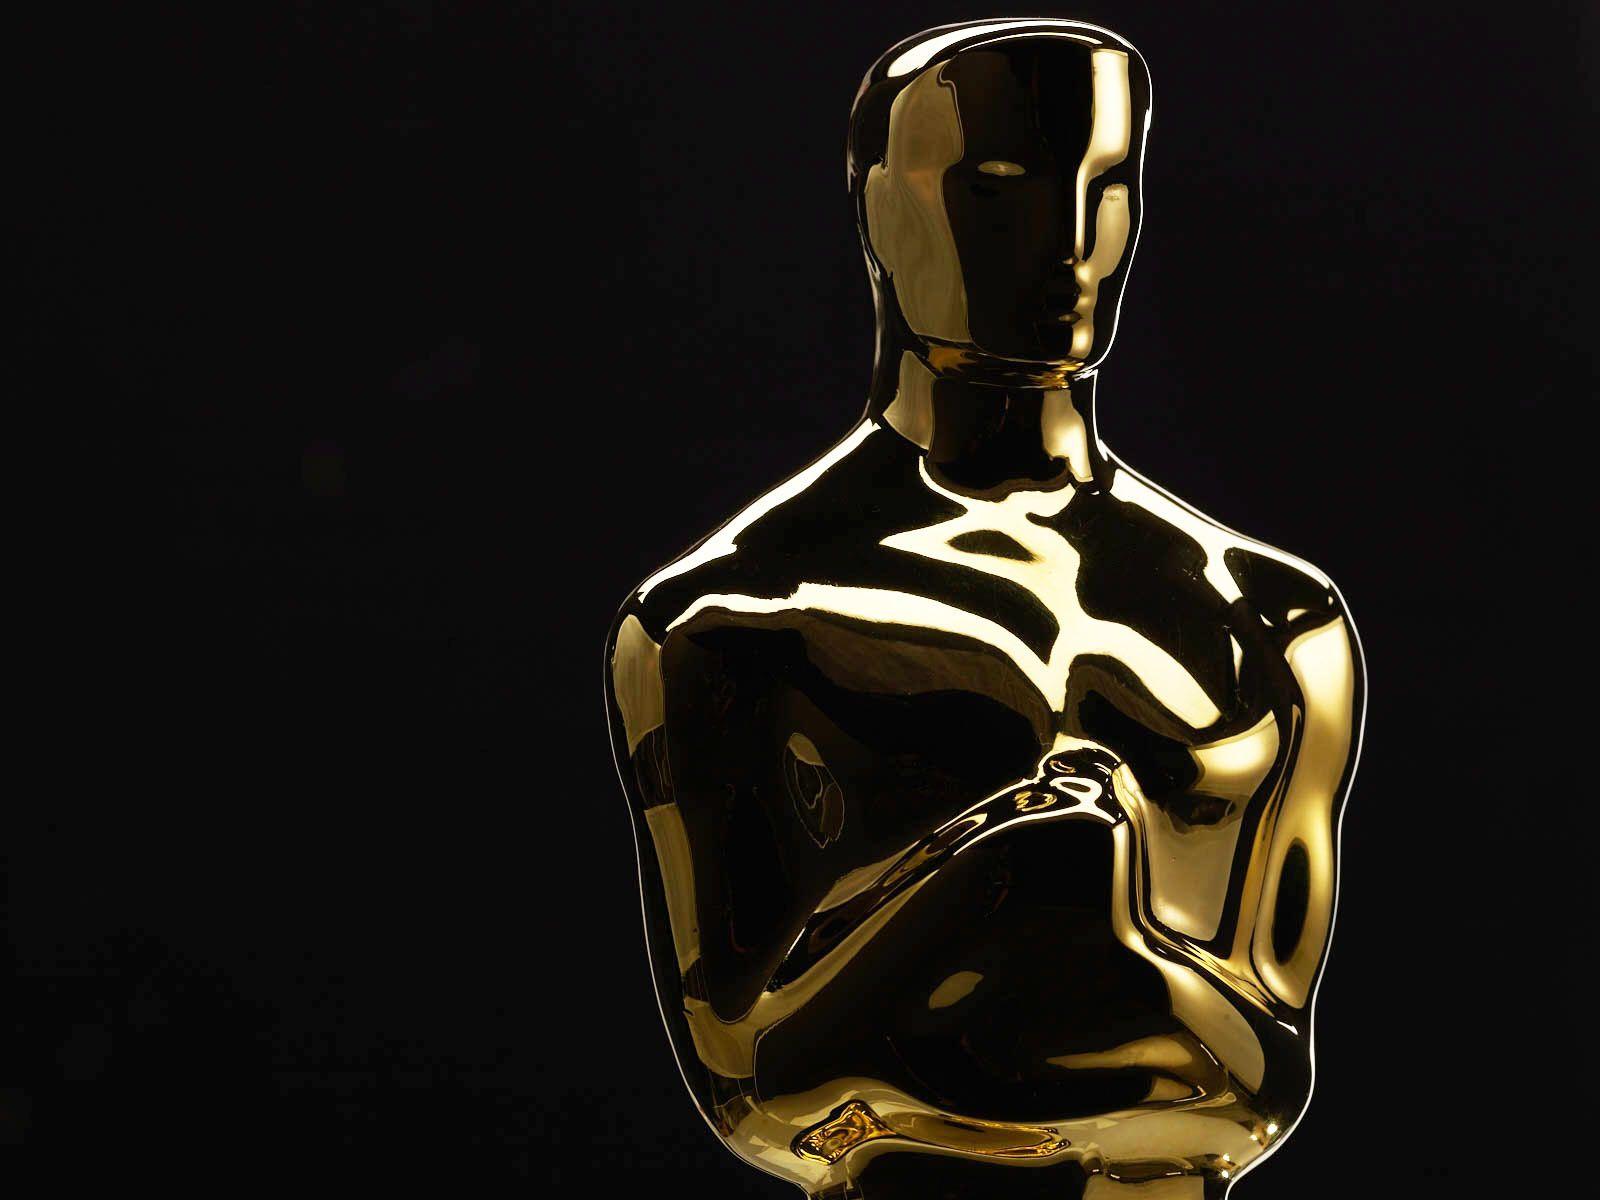 Oscars 2019 : 87 pays en lice pour l'oscar du meilleur film en langue étrangère